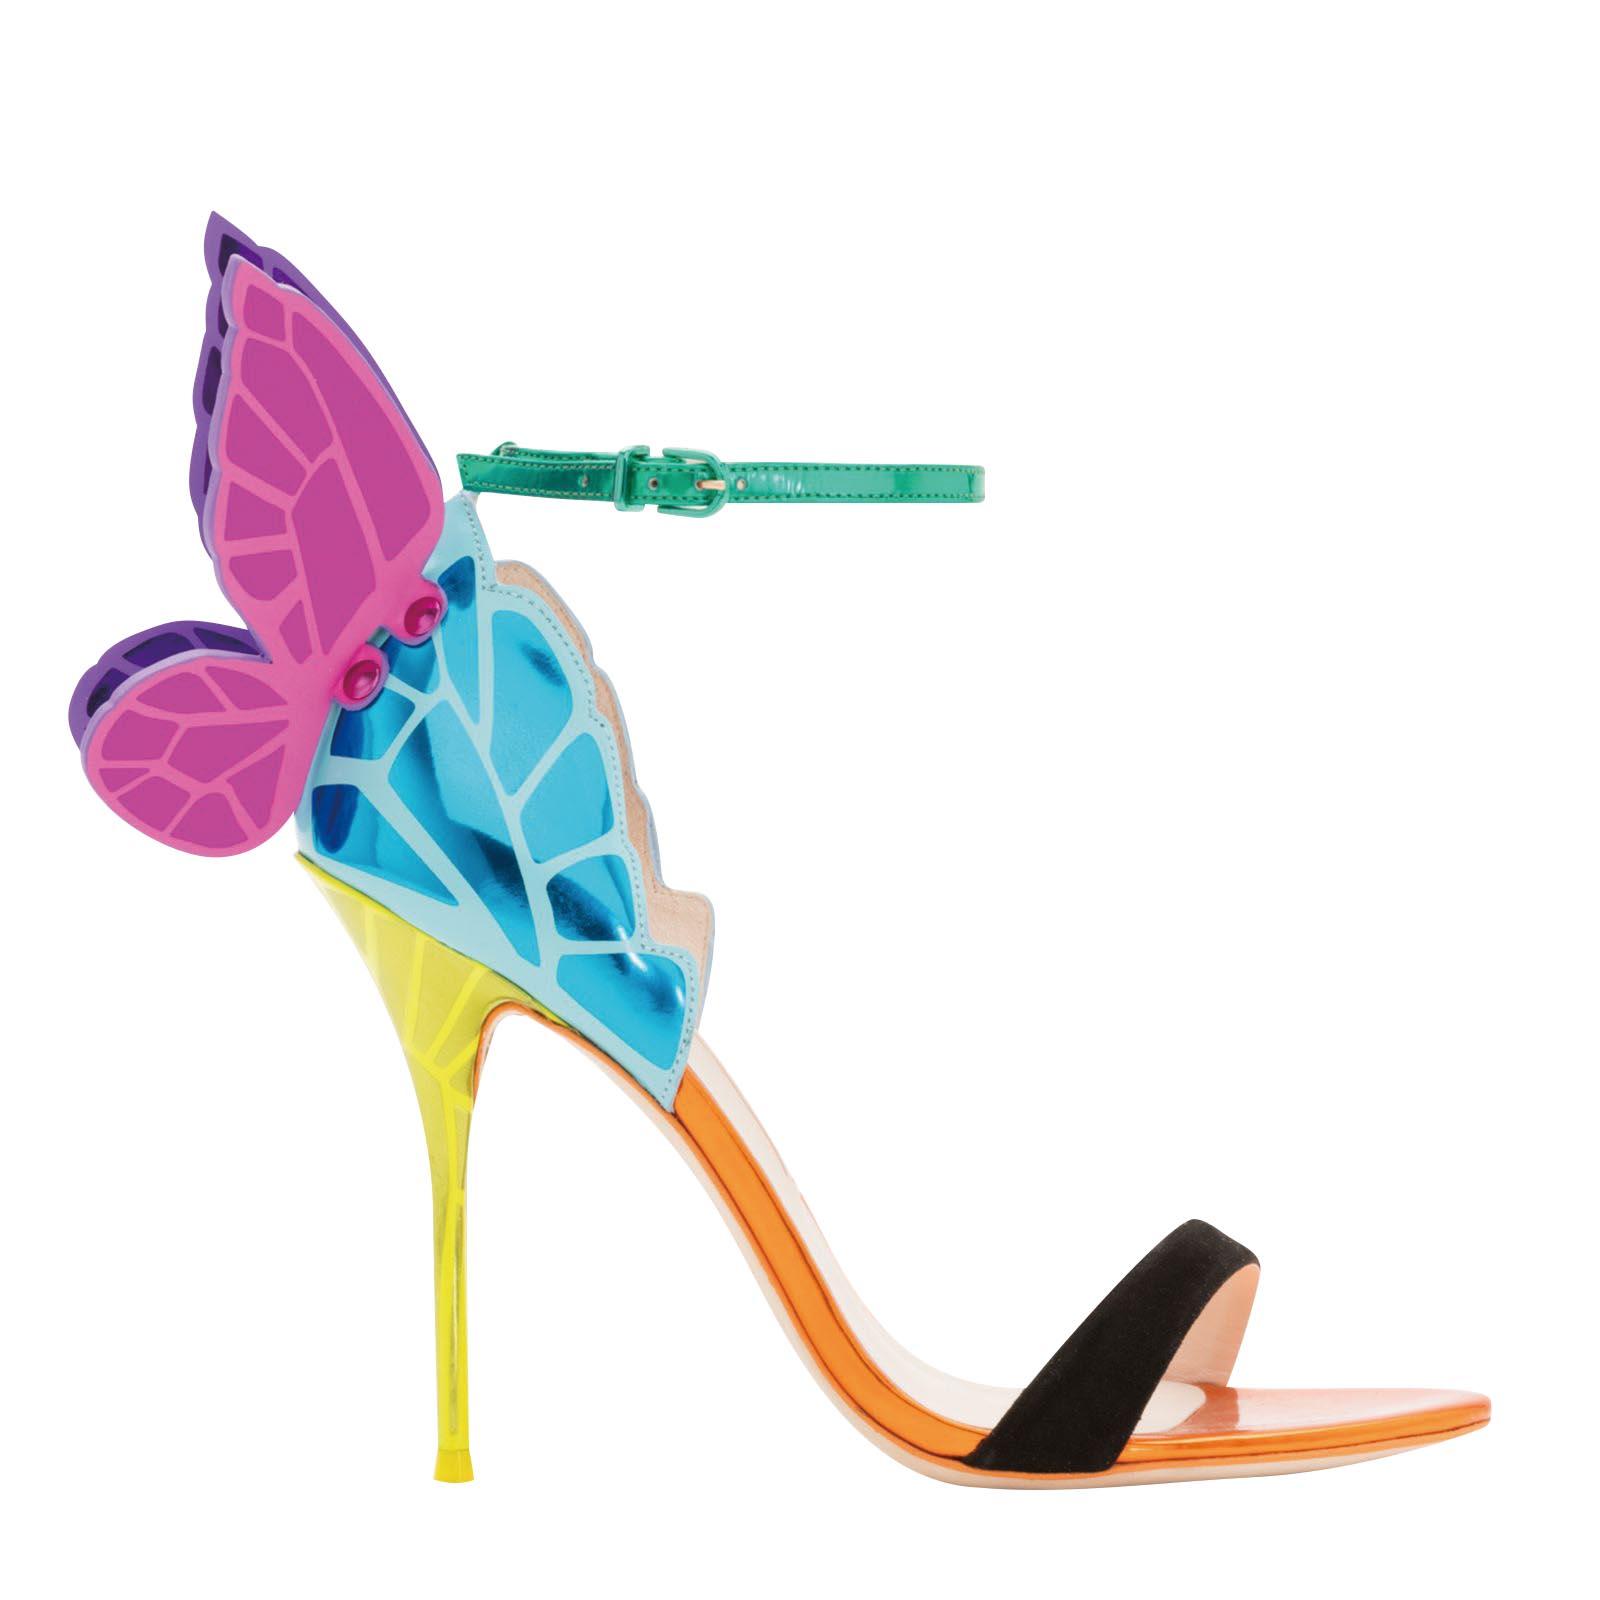 Chiara butterfly wing sandal, Sophia Webster